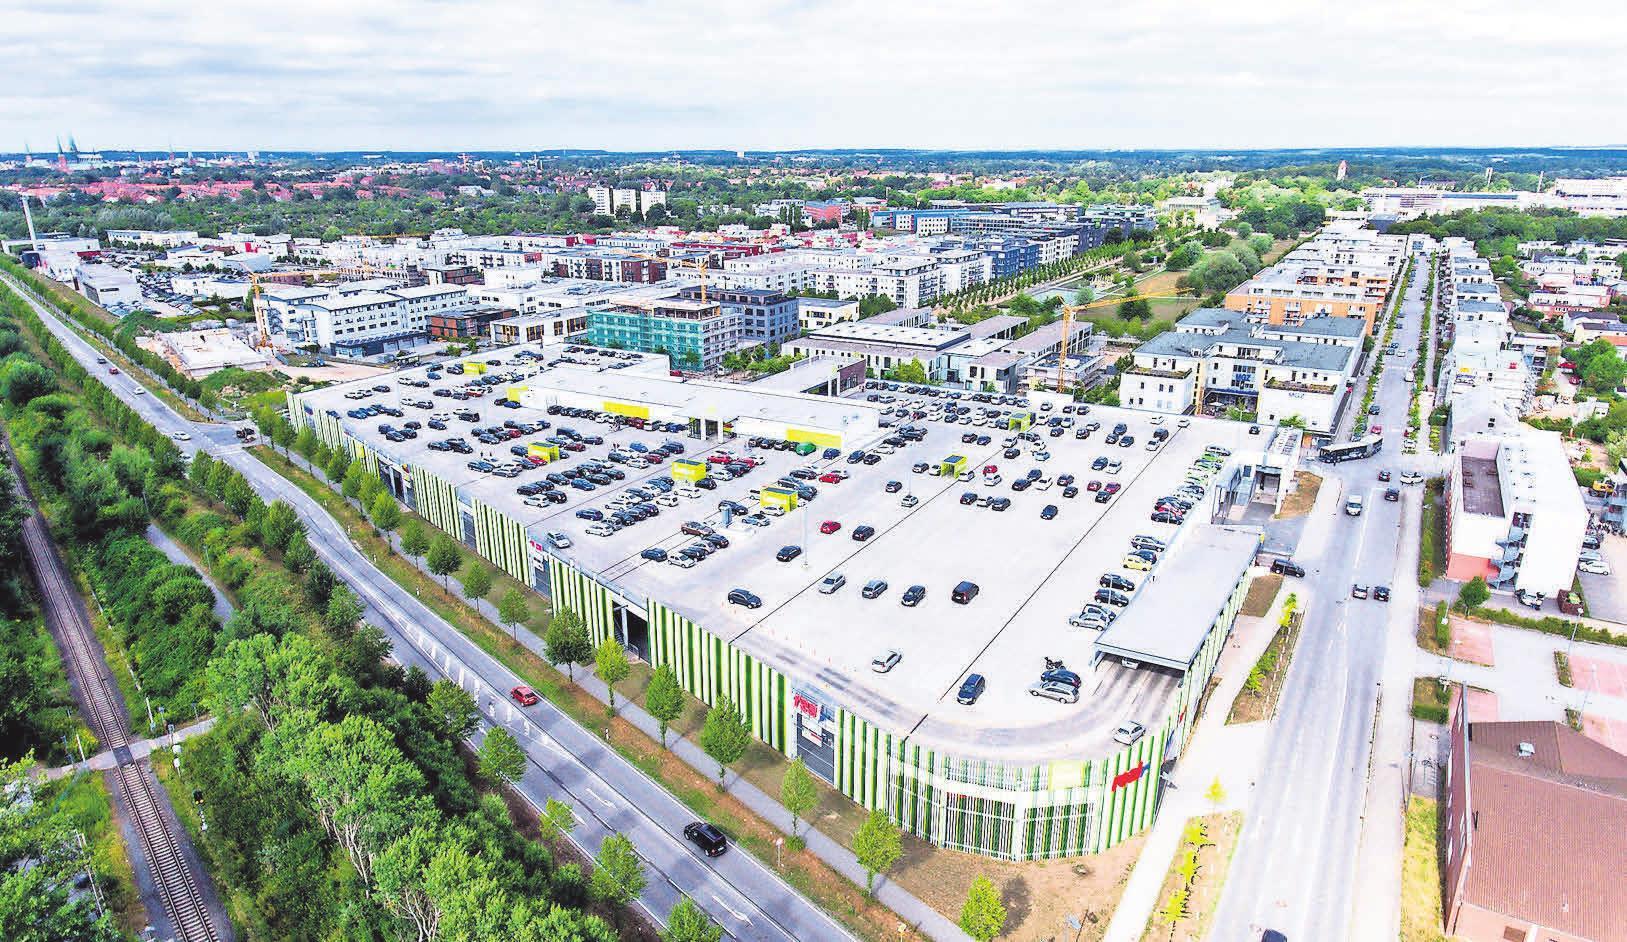 Shopping und Erlebnisse – im Campus Center Lübeck findet sich alle unter einem Dach. Grafik: Campus Lübeck